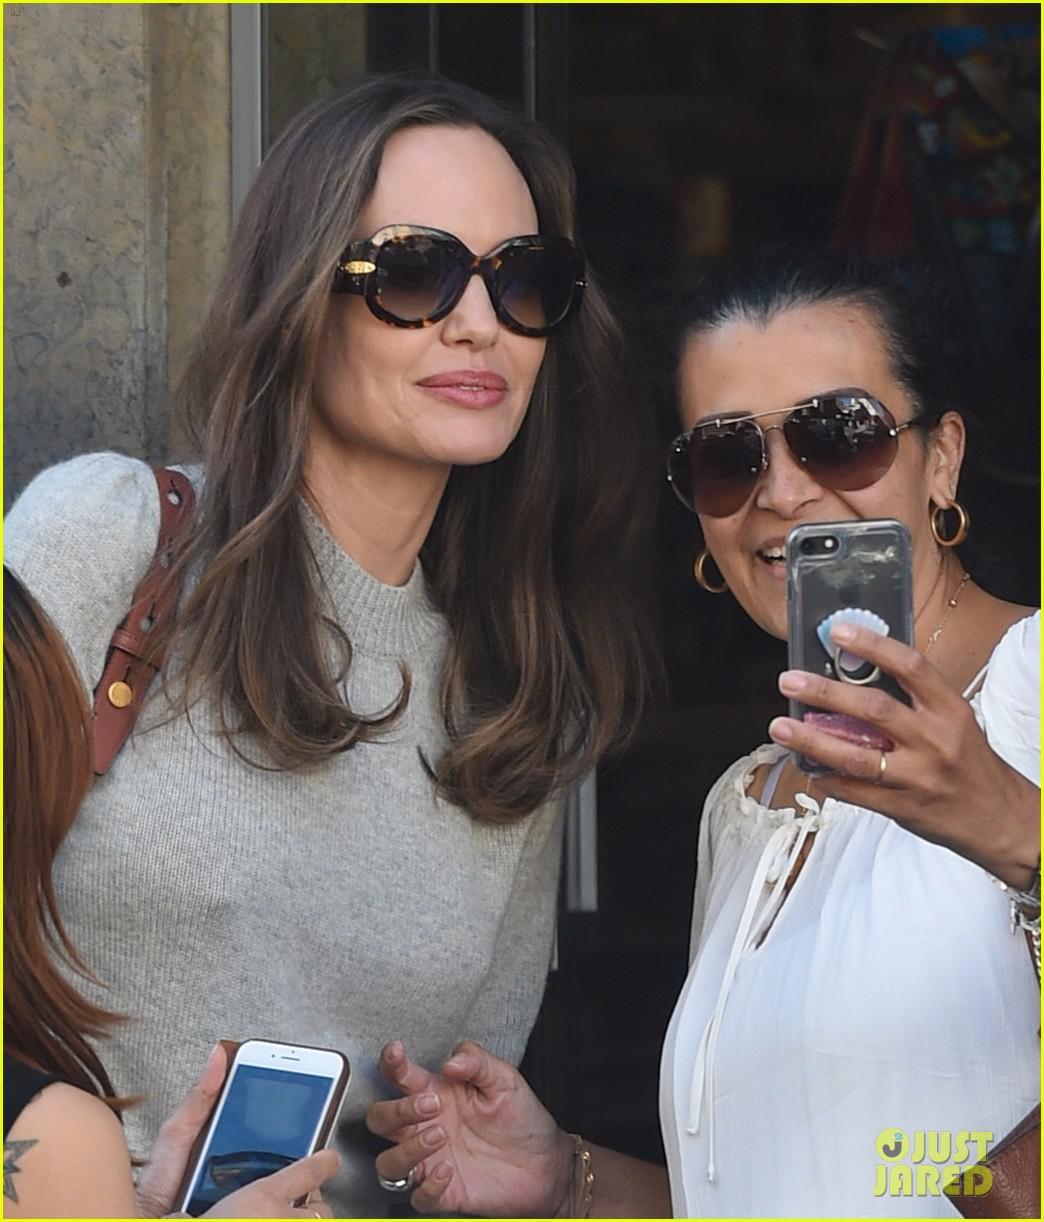 Angelina Jolie trang điểm xinh đẹp, cười rạng rỡ khi đi dạo ở Paris Ảnh 8